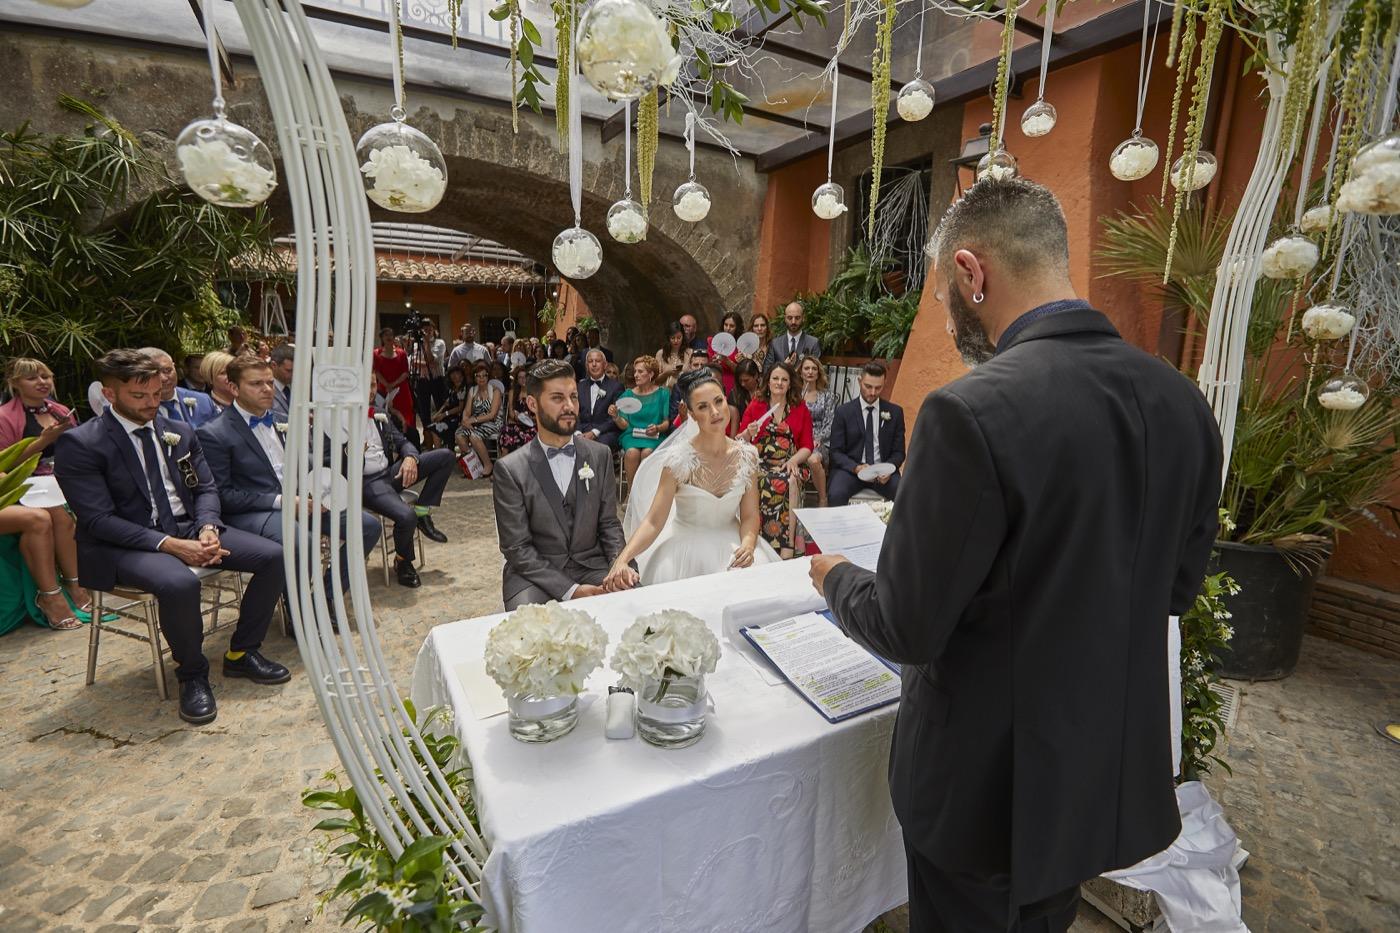 Claudio-Coppola-wedding-photographer-villa-del-cardinale-rocca-di-papa-castel-gandolfo-34